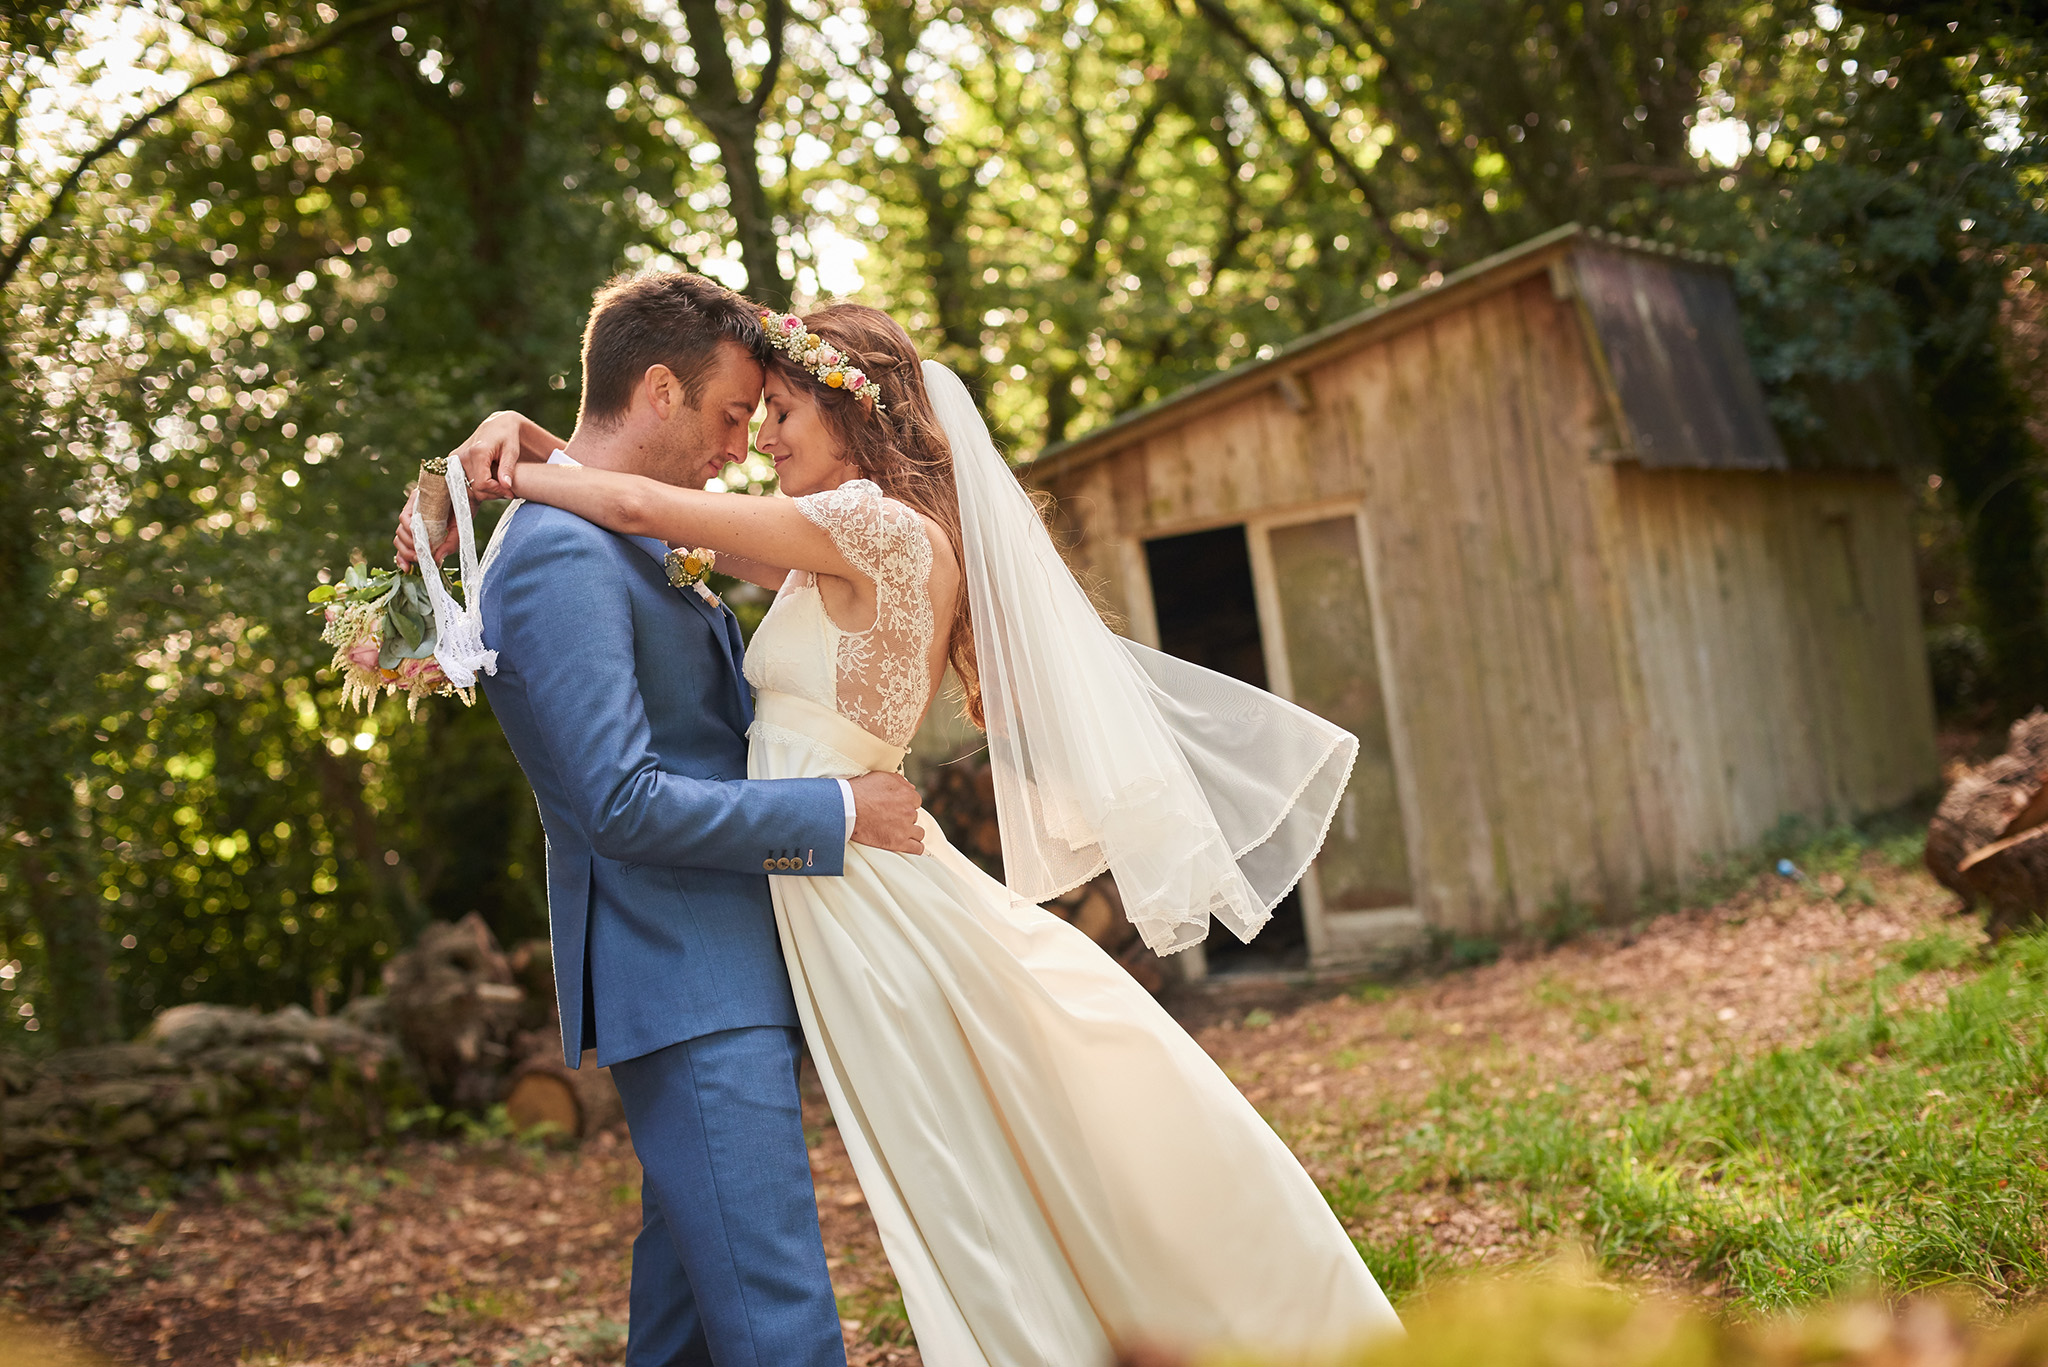 photographie de mariage photos de couple nantes rennes vannes angers - rudy burbant